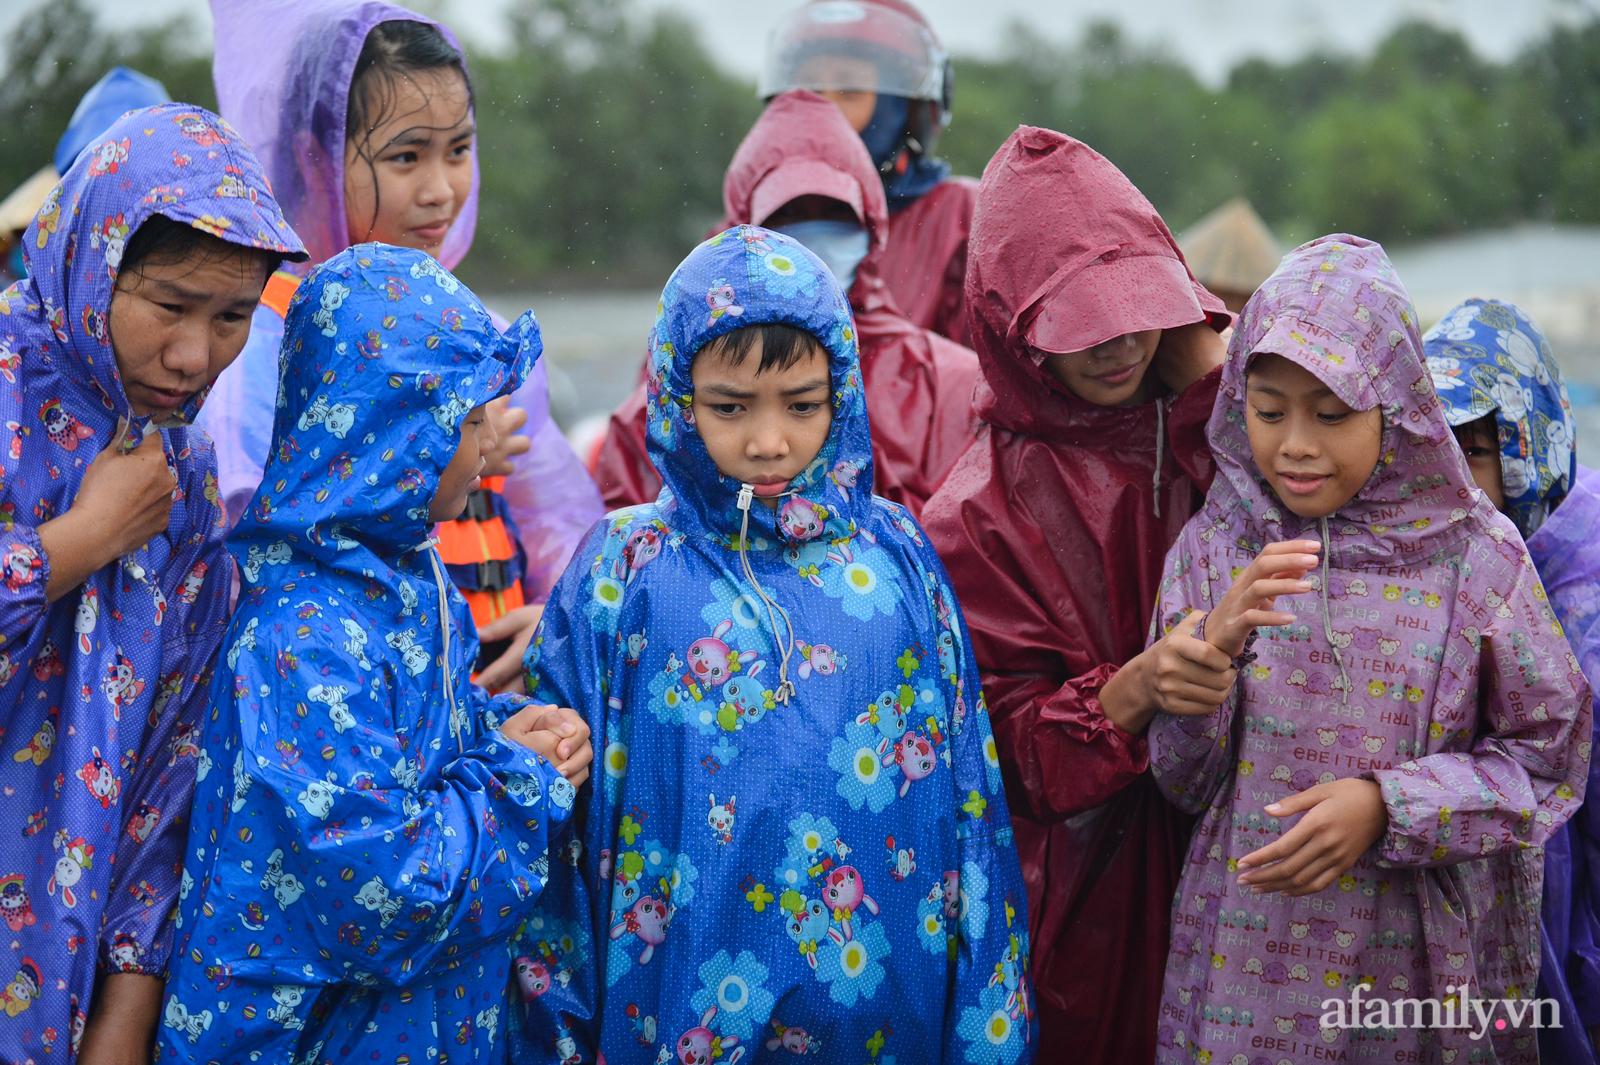 Quảng Bình: Nhà ngập sâu trong trận lũ lịch sử, người lớn, trẻ nhỏ đội mưa vượt hơn 1km băng đồi cát ra quốc lộ xin cứu trợ - Ảnh 5.